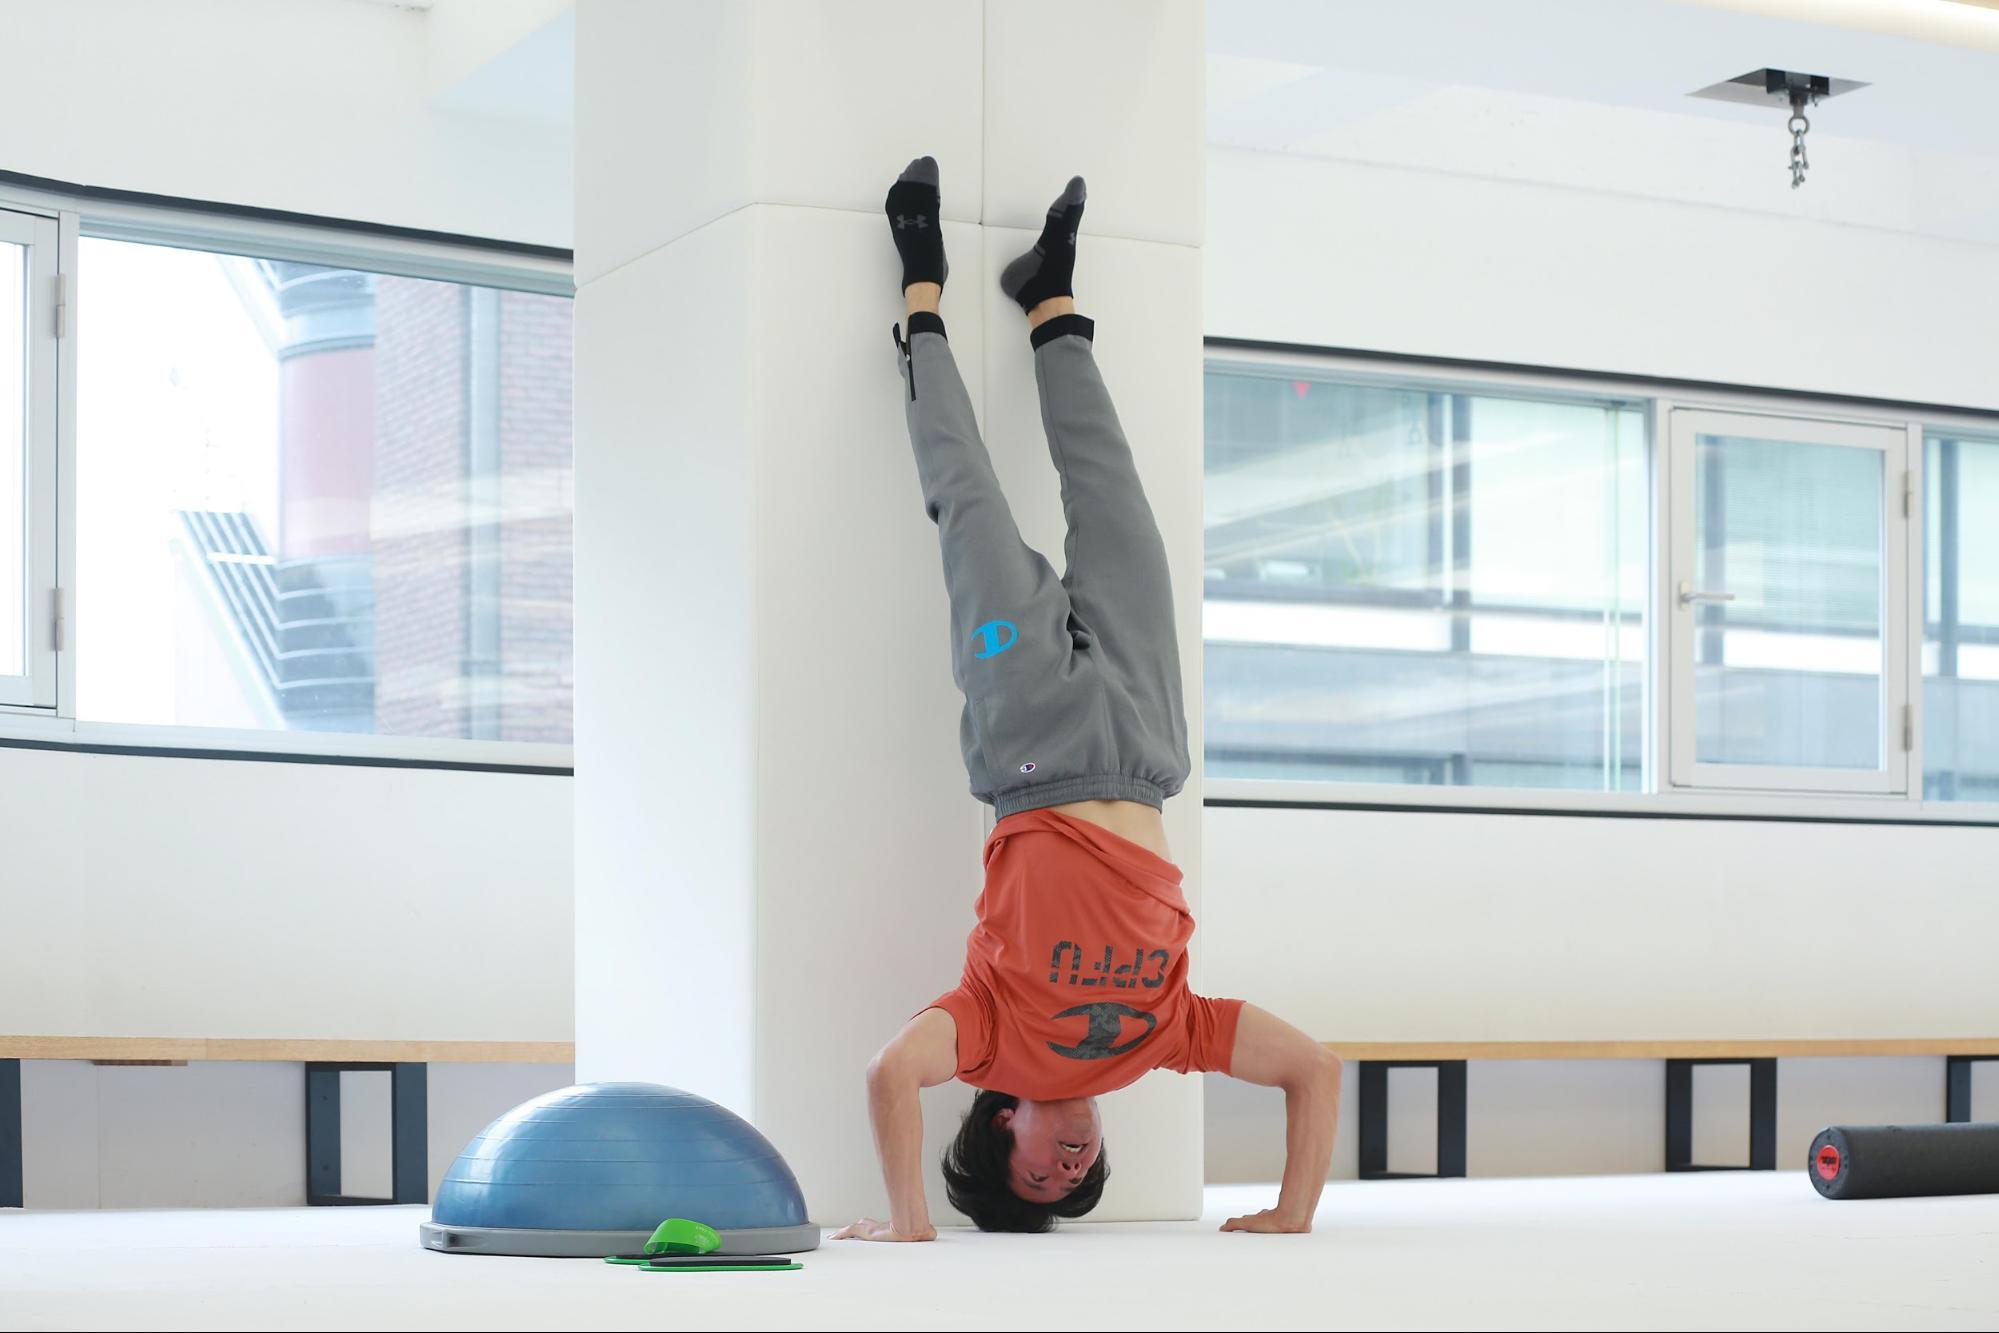 ケイン・コスギのゲームのための筋トレ術。逆立ち腕立て伏せで全身をトレーニング。